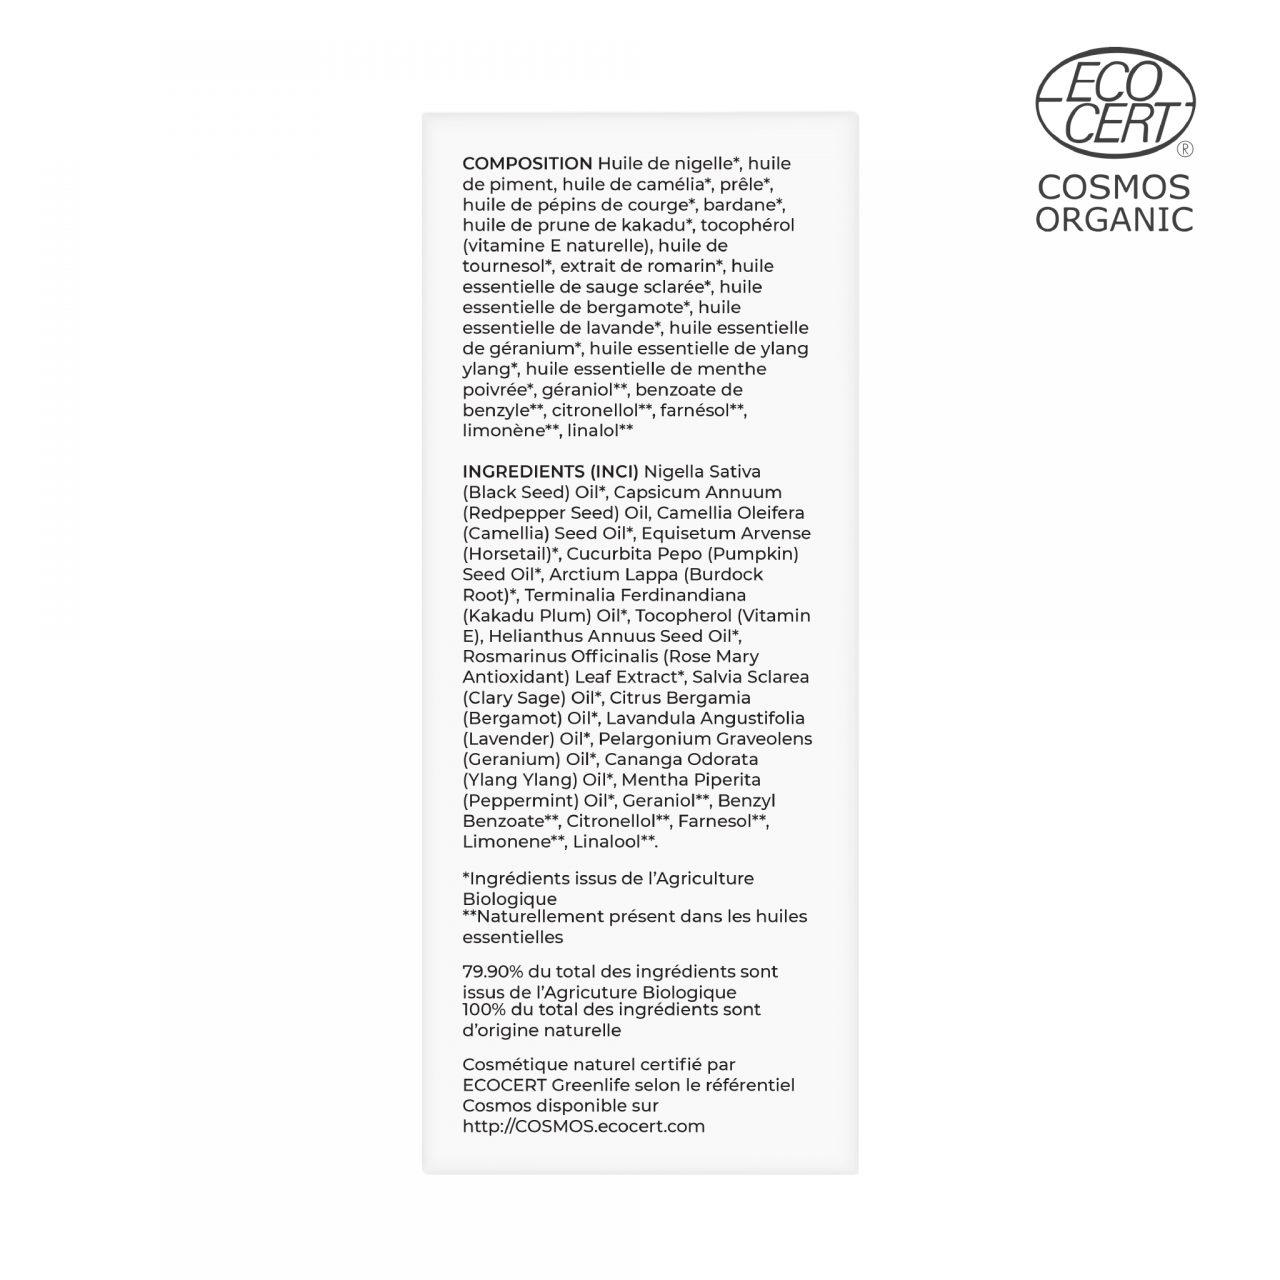 Sérum Capillaire Nigelle, Piment & Prêle Composition